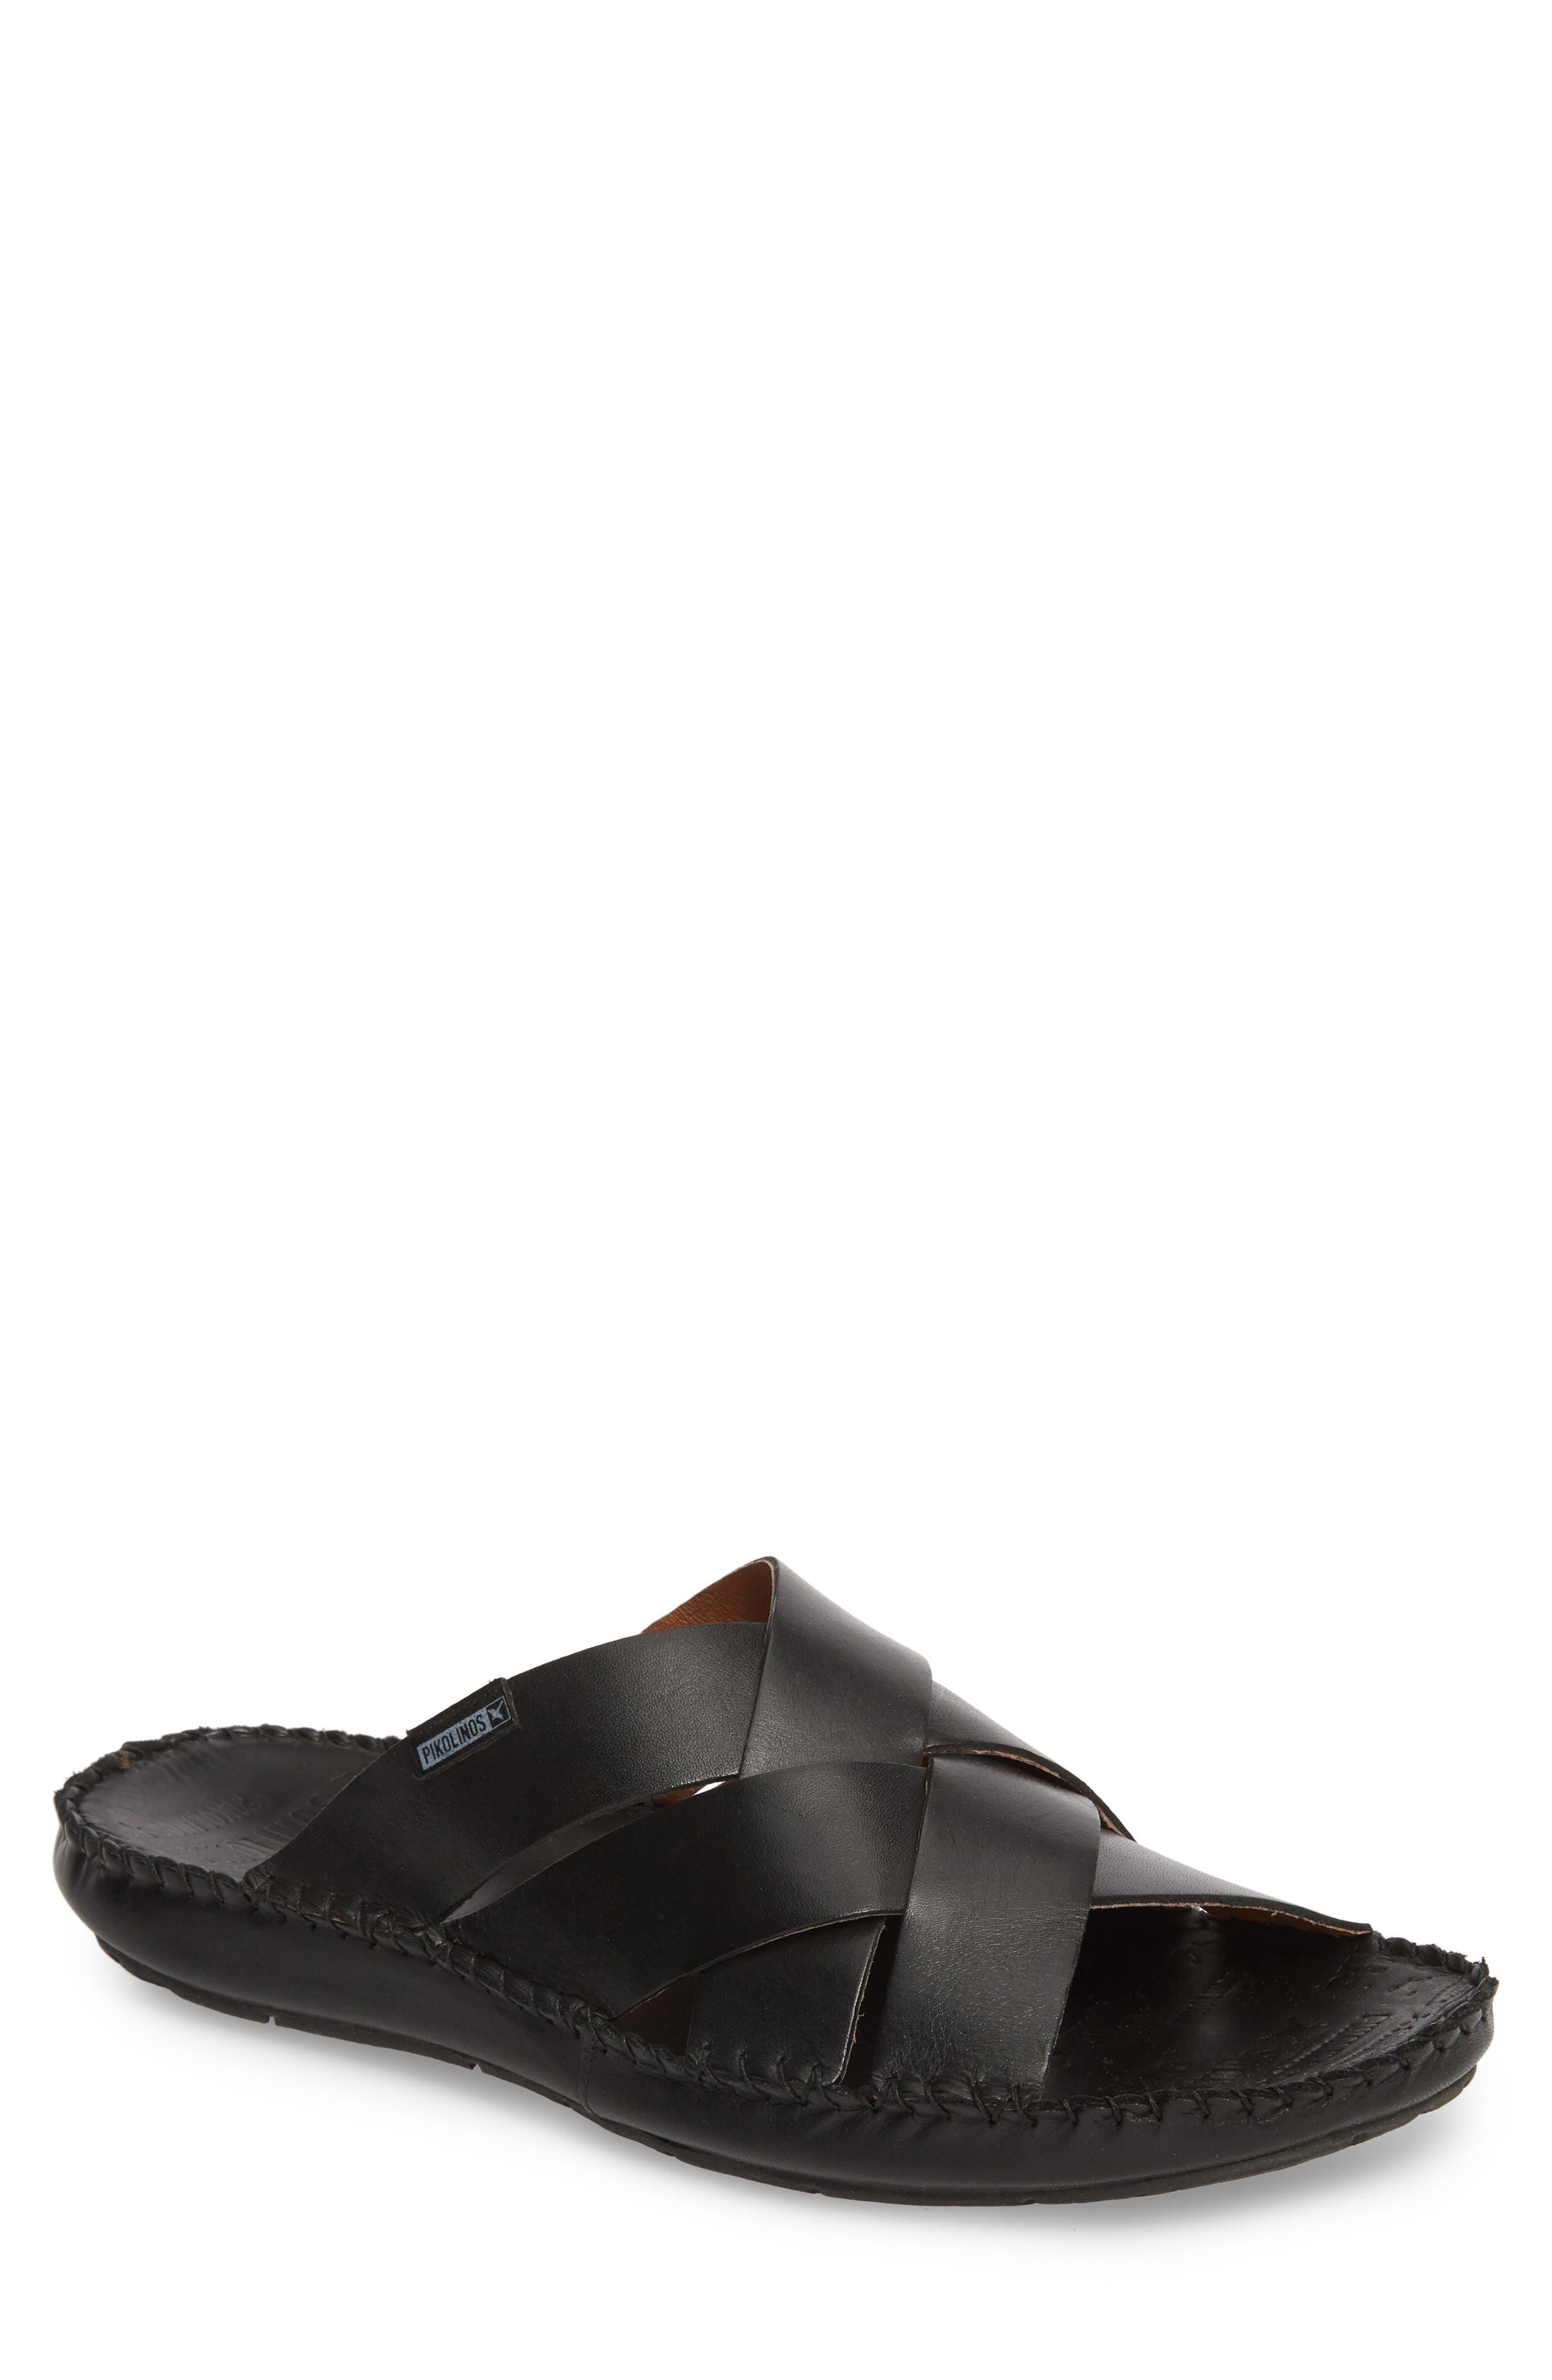 'Tarifa' Slide Sandal,                             Main thumbnail 1, color,                             Black Leather